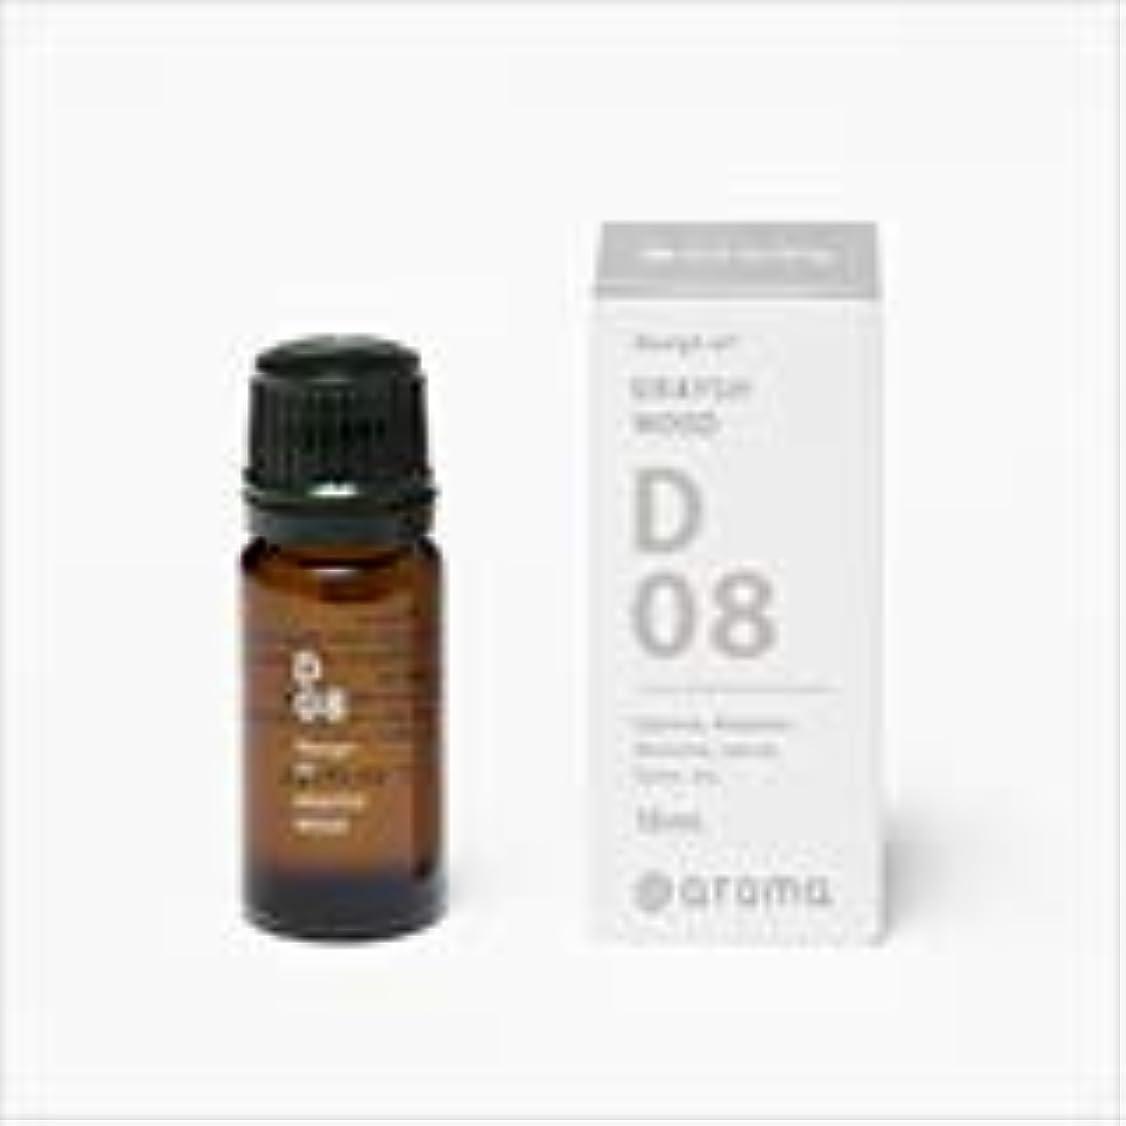 ボイド後継強化アットアロマ 100%pure essential oil <Design air ピースフルスマイル>